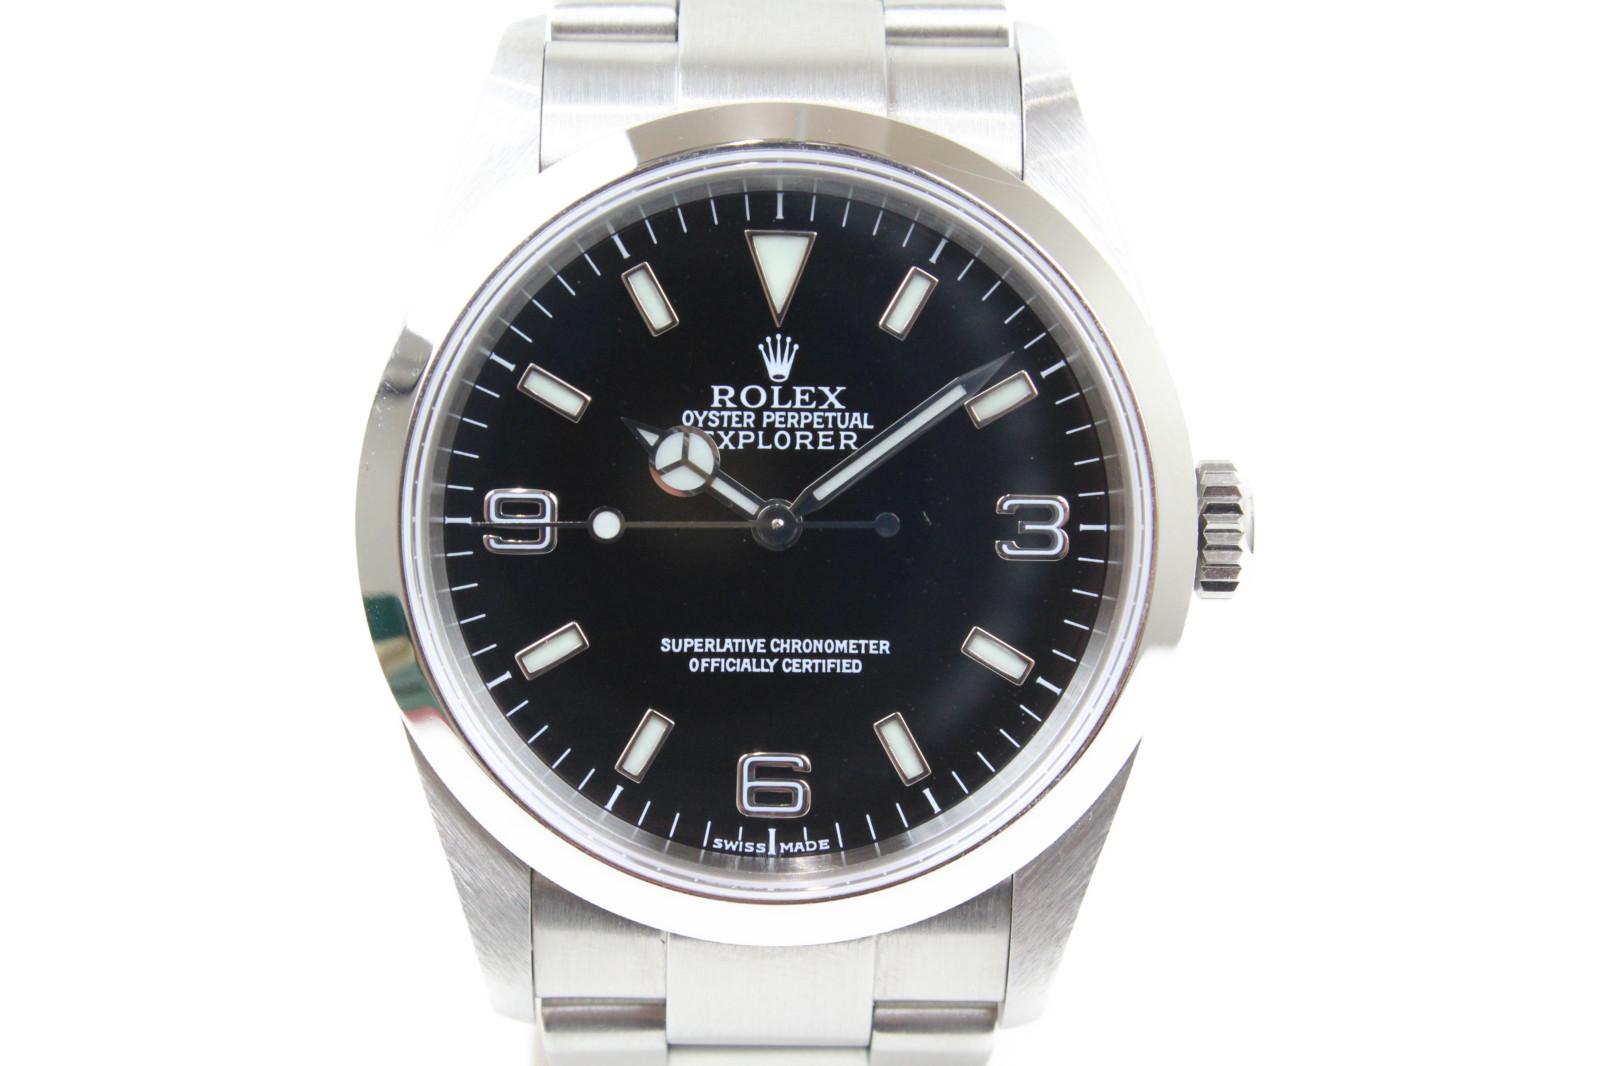 【ギャラ有】ROLEX ロレックス エクスプローラーI 114270 K番 自動巻き SS ステンレススチール ブラック メンズ 腕時計【中古】